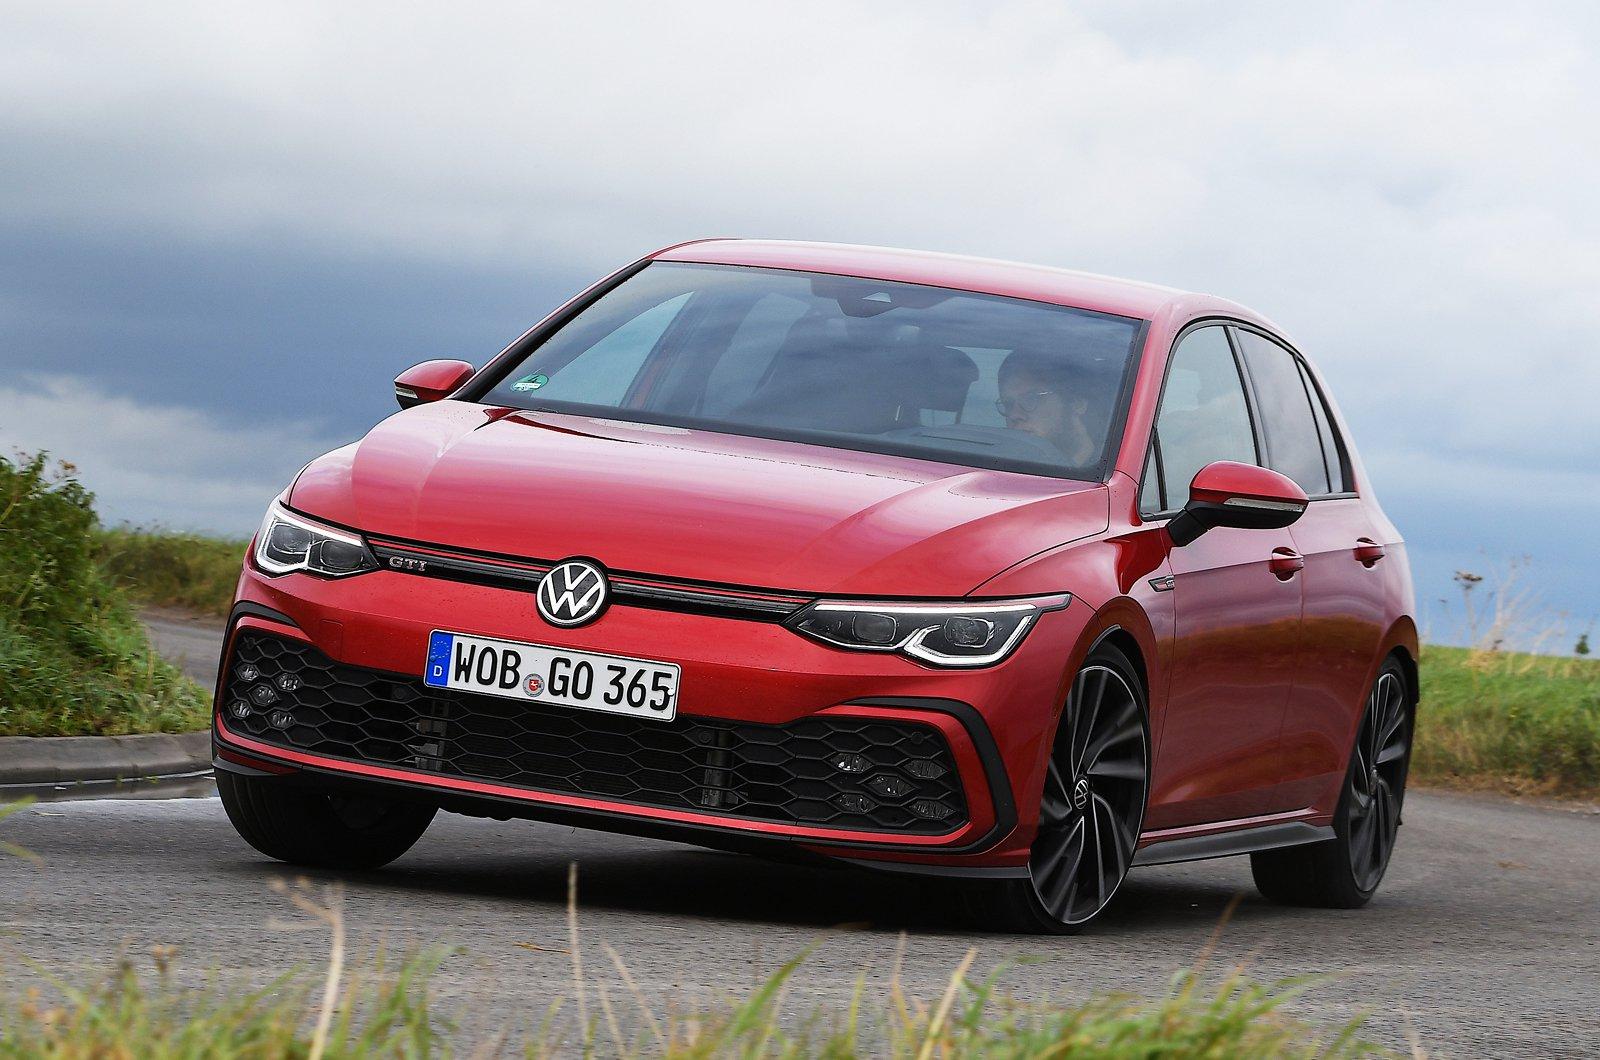 2020 Volkswagen GTI front